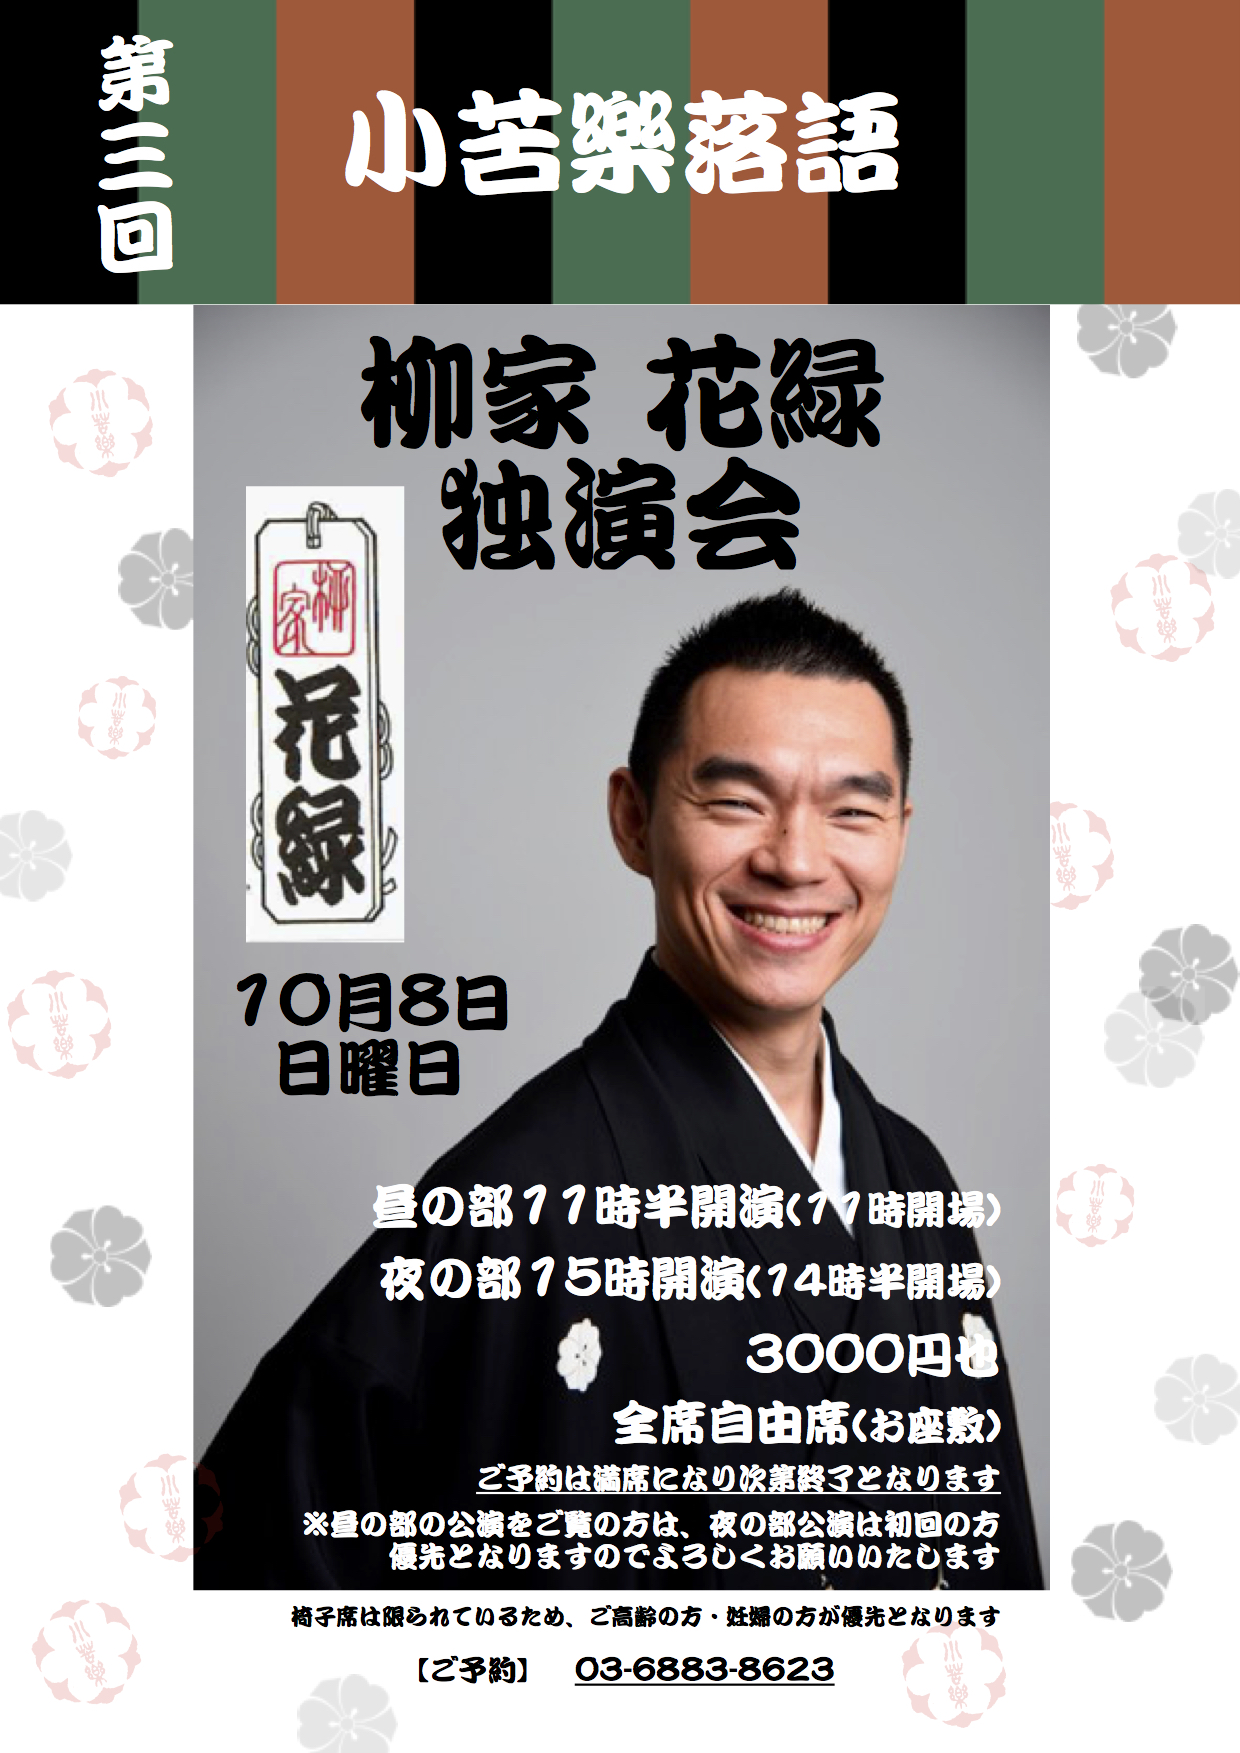 柳家花緑 第三回 落語チラシ Ver.2